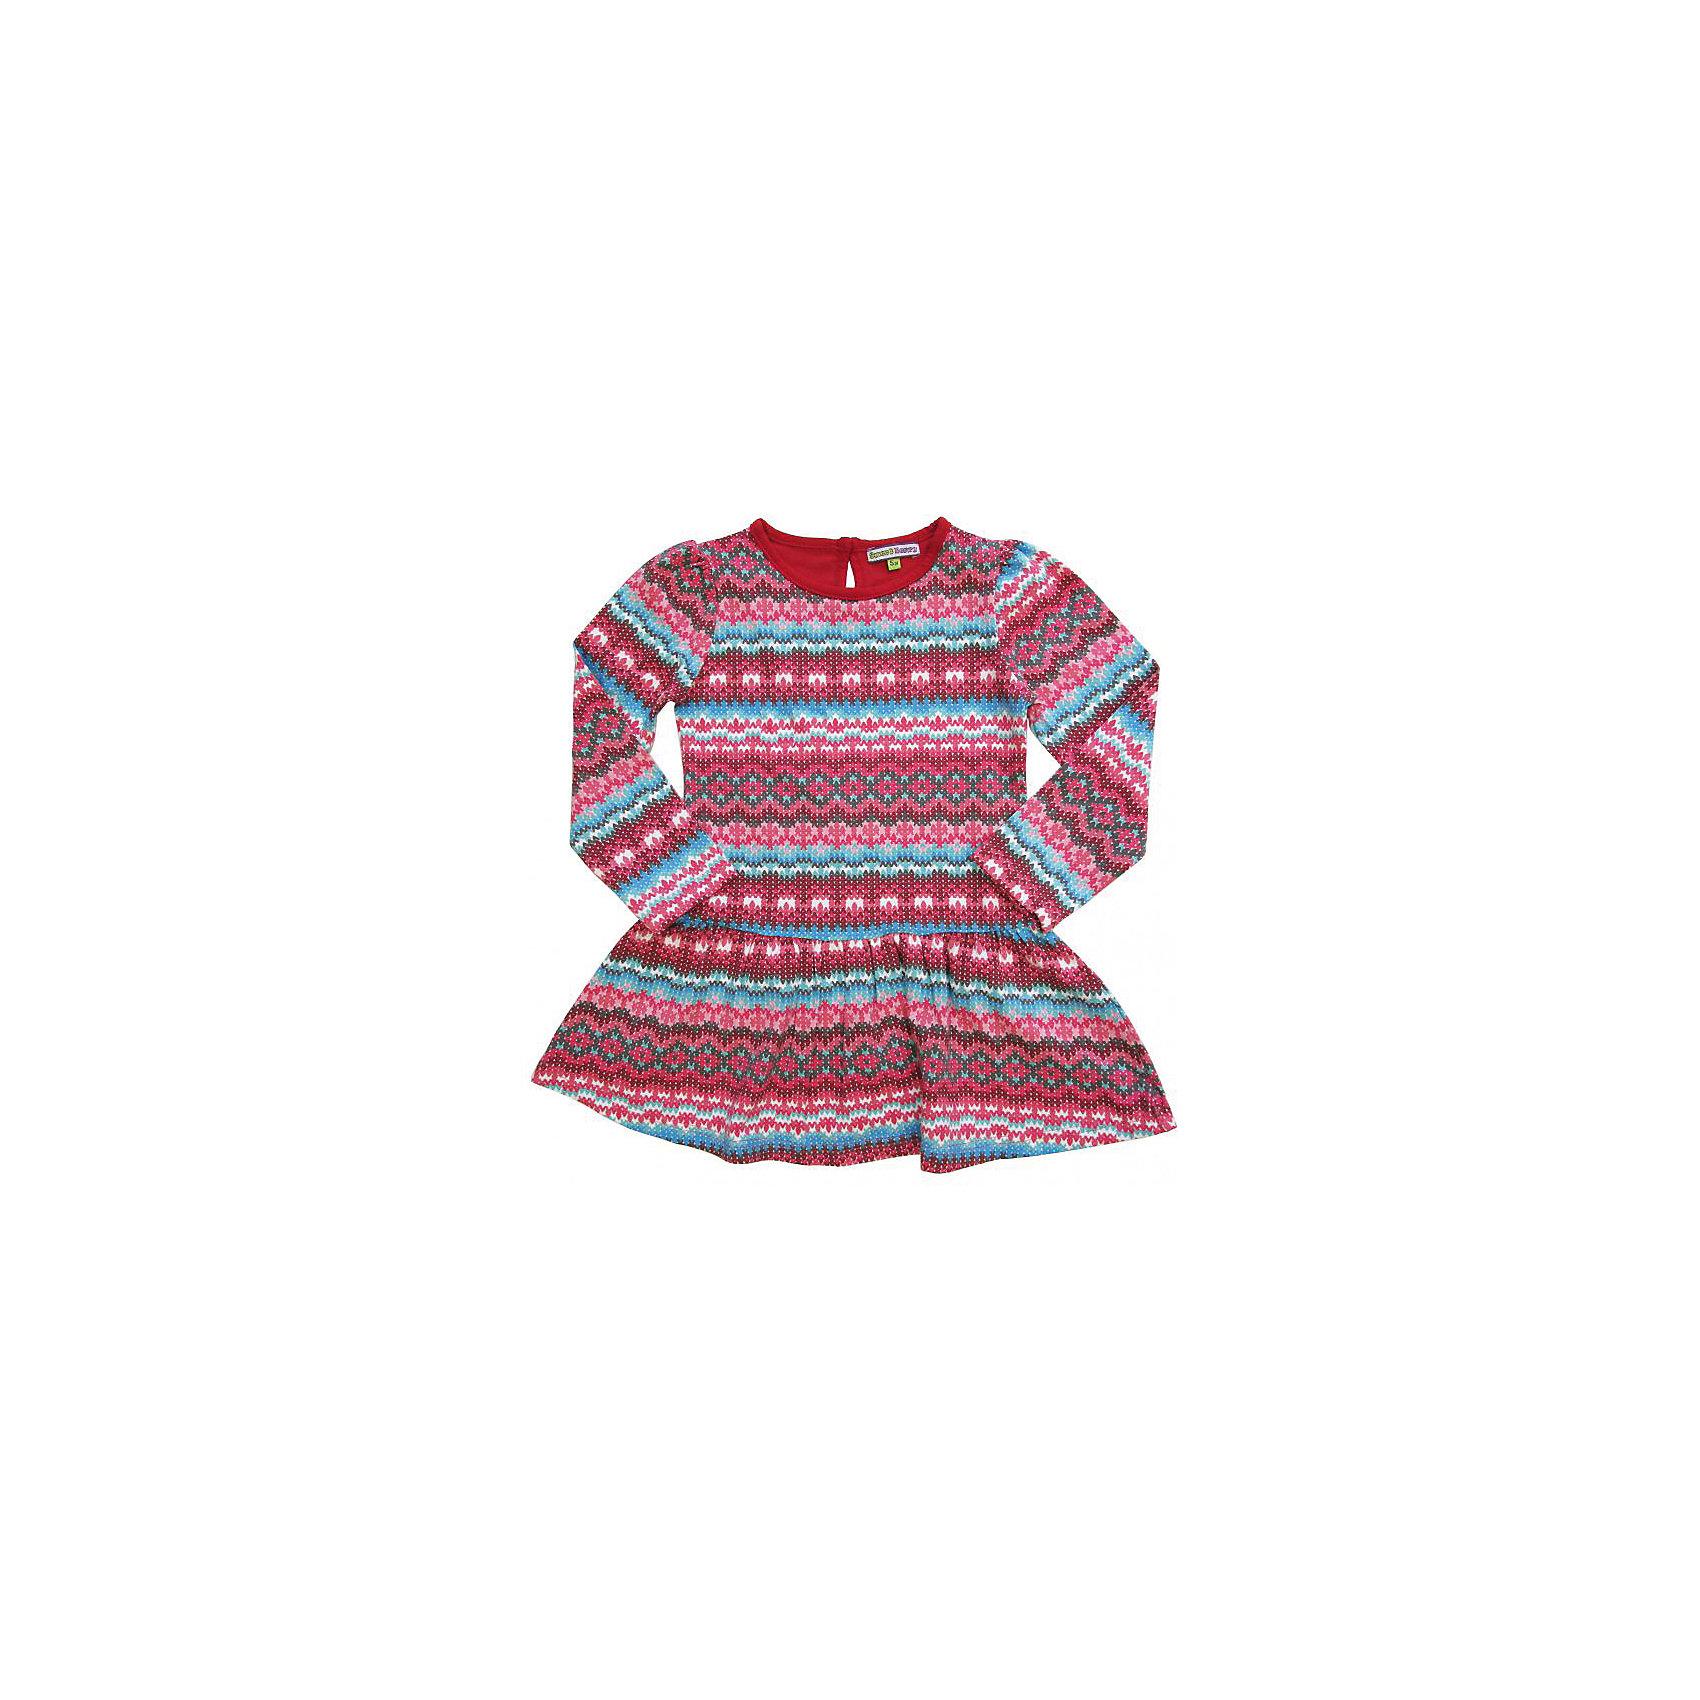 Комплект для девочки: платье  и леггинсы Sweet BerryКомплекты<br>Комплект трикотажный для девочки, платье из принтованной ткани (имитация жаккардовой вязки), детали на платье и базовые леггинсы из однотонной ткани - компаньона.<br>Состав:<br>95% хлопок, 5% эластан<br><br>Ширина мм: 236<br>Глубина мм: 16<br>Высота мм: 184<br>Вес г: 177<br>Цвет: красный<br>Возраст от месяцев: 24<br>Возраст до месяцев: 36<br>Пол: Женский<br>Возраст: Детский<br>Размер: 98,116,110,128,104,122<br>SKU: 4272903